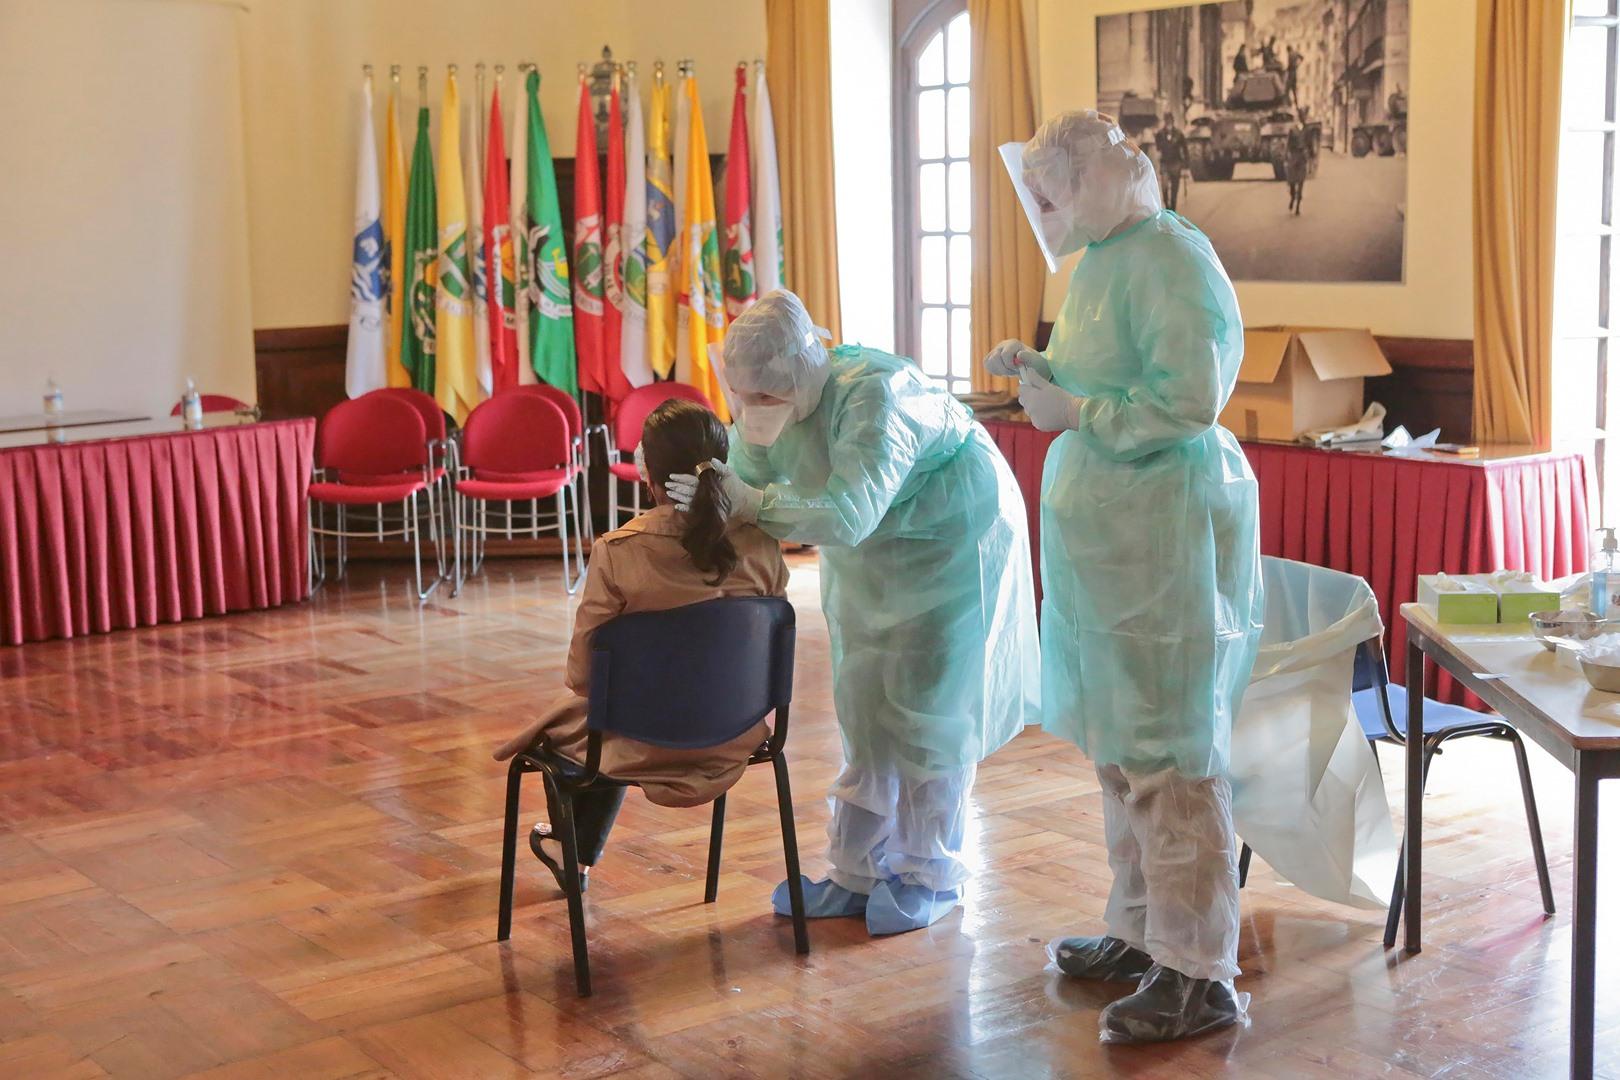 Distrito de Viana do Castelo sem novos casos de covid-19. Braga com mais oito